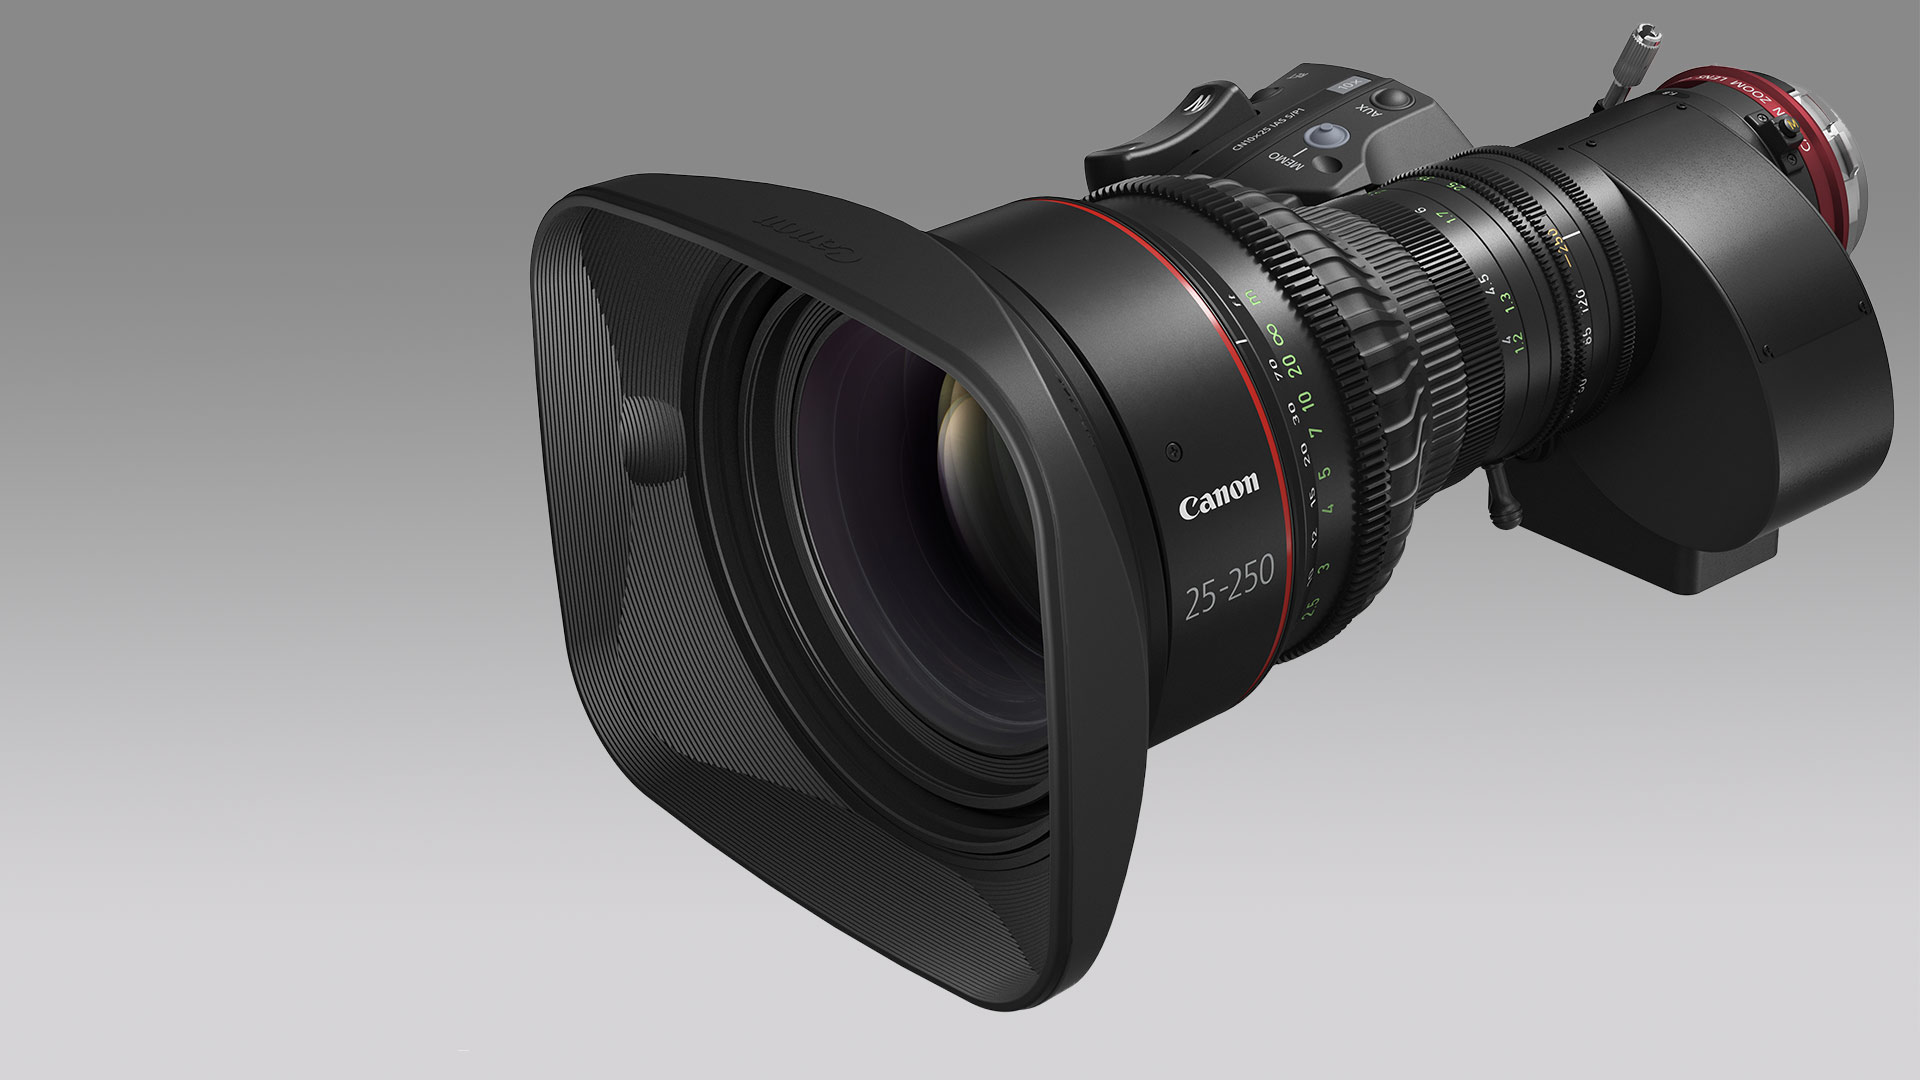 Canon anunció un nuevo lente servo de cine 25-250 mm 10x  y actualizaciones de firmware